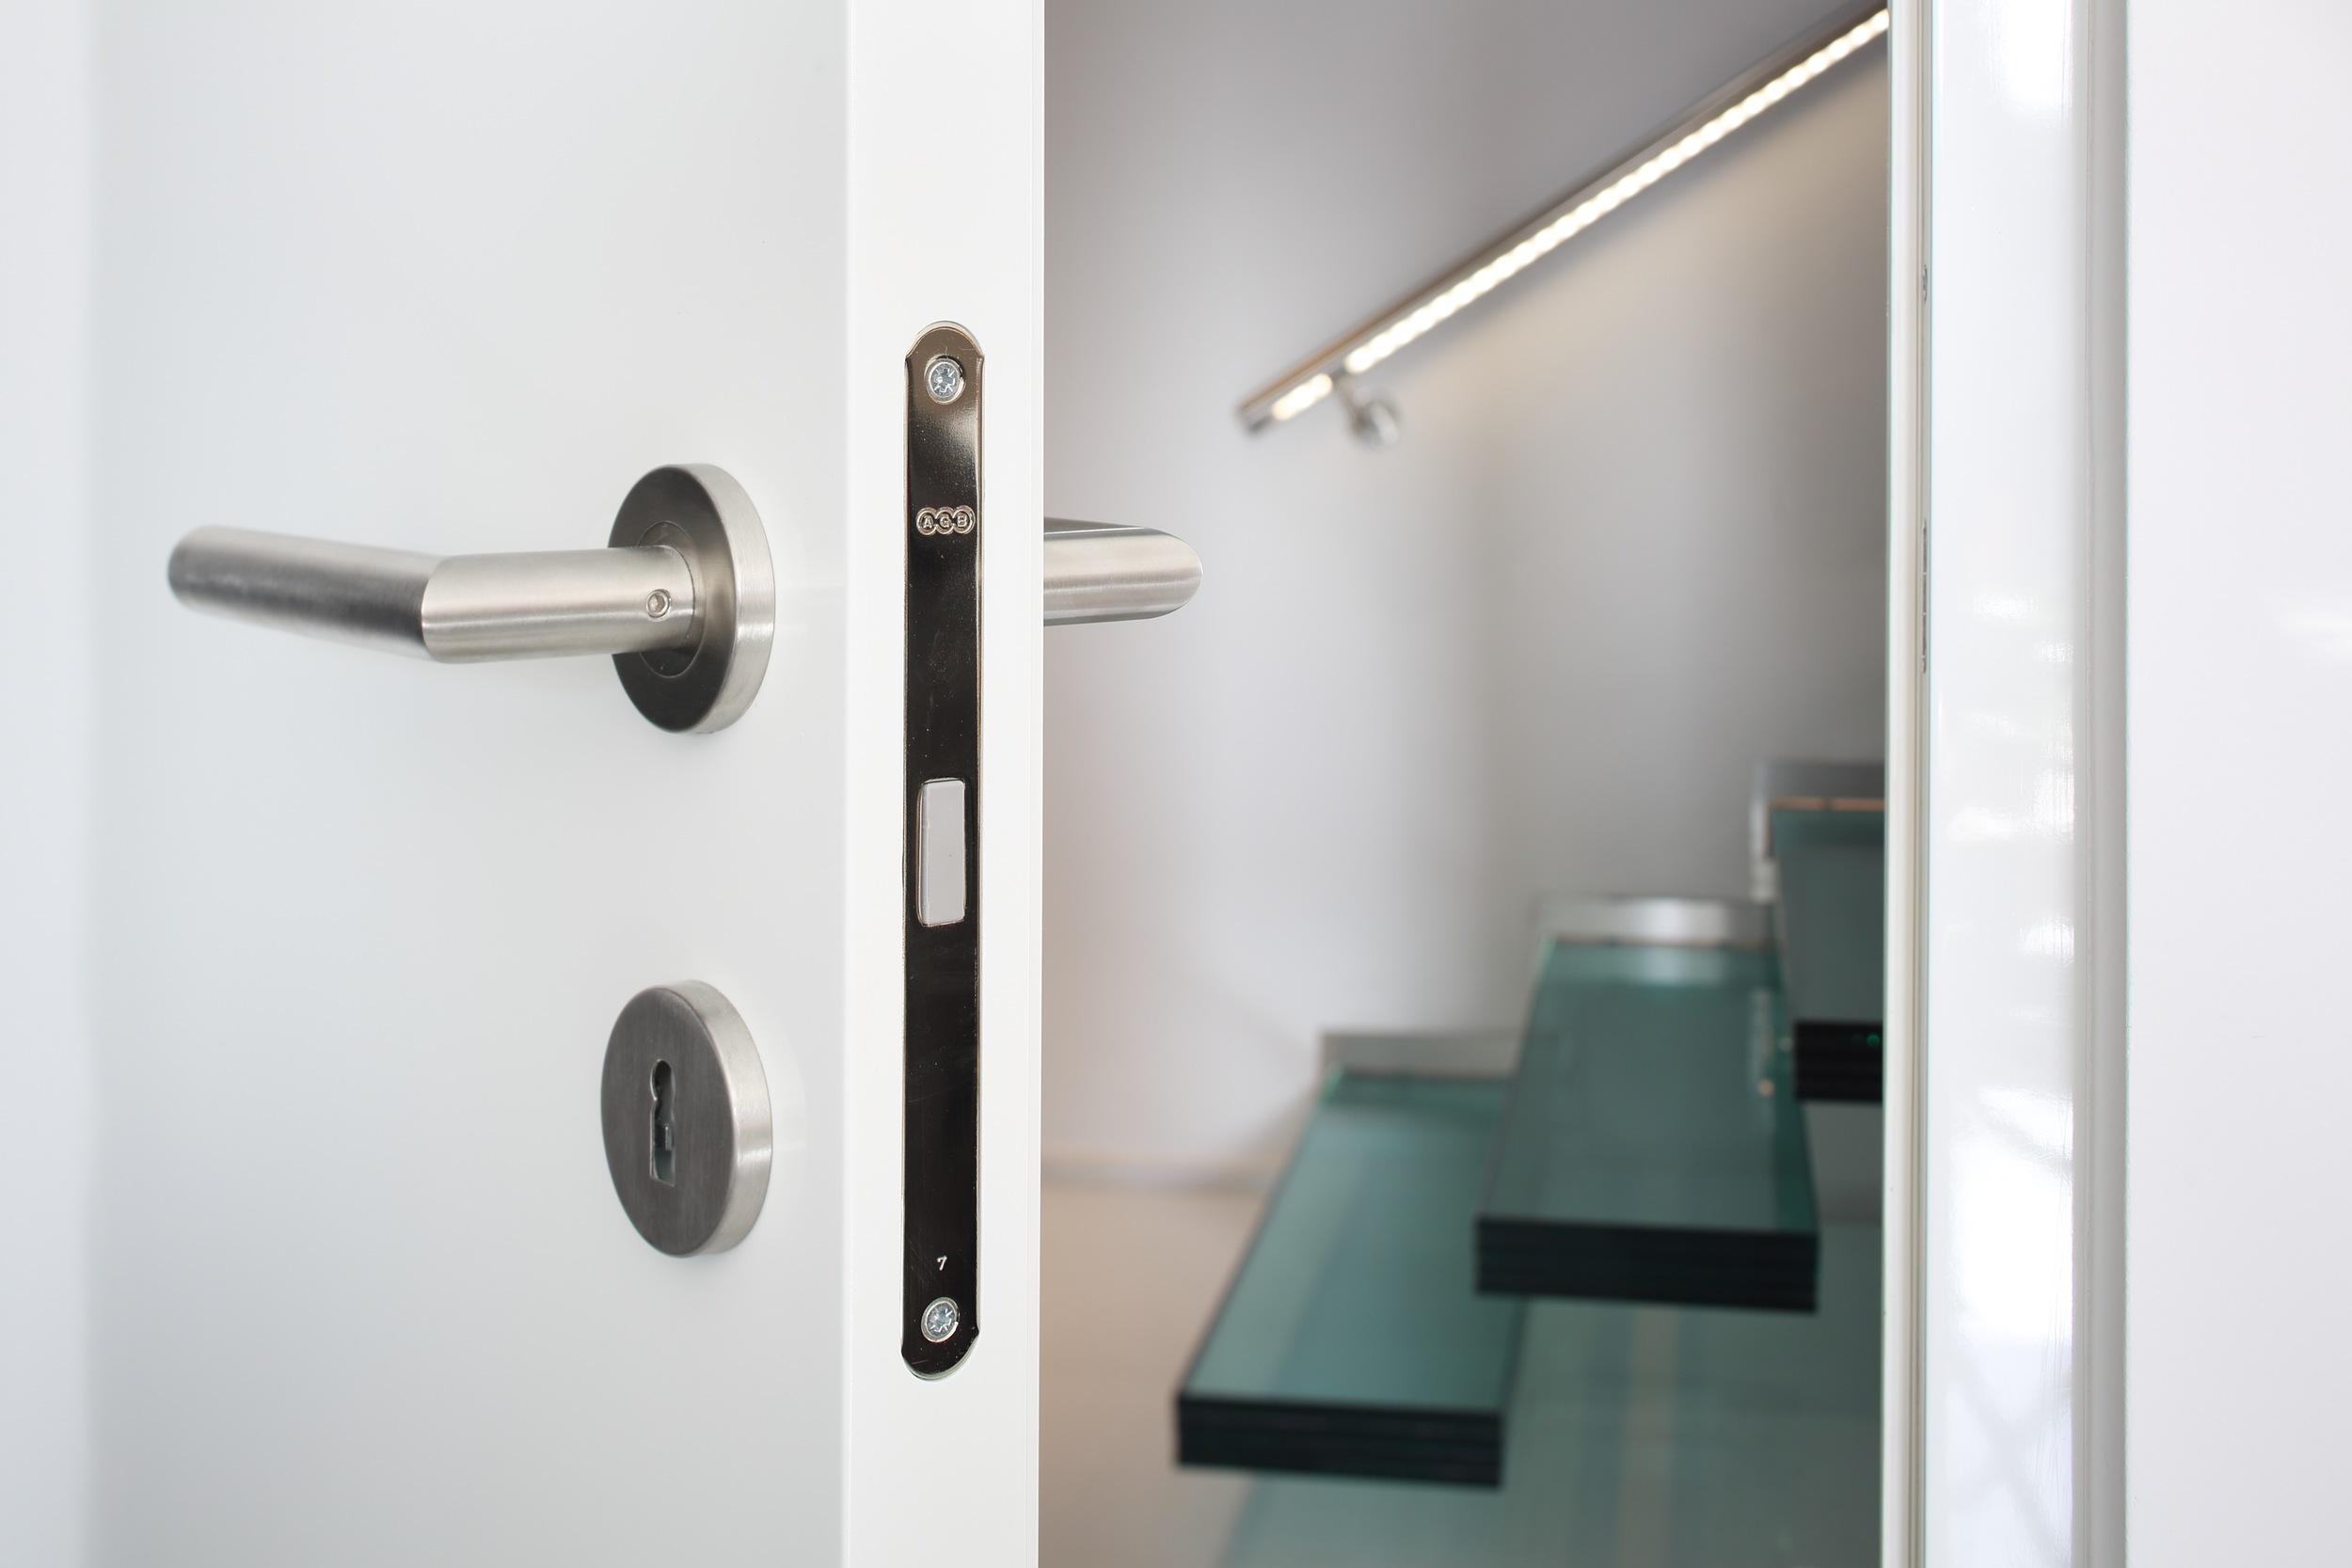 Beim Zukauf von Türen, Fenster, Beschlägen,... achten wir auf beste Qualität.